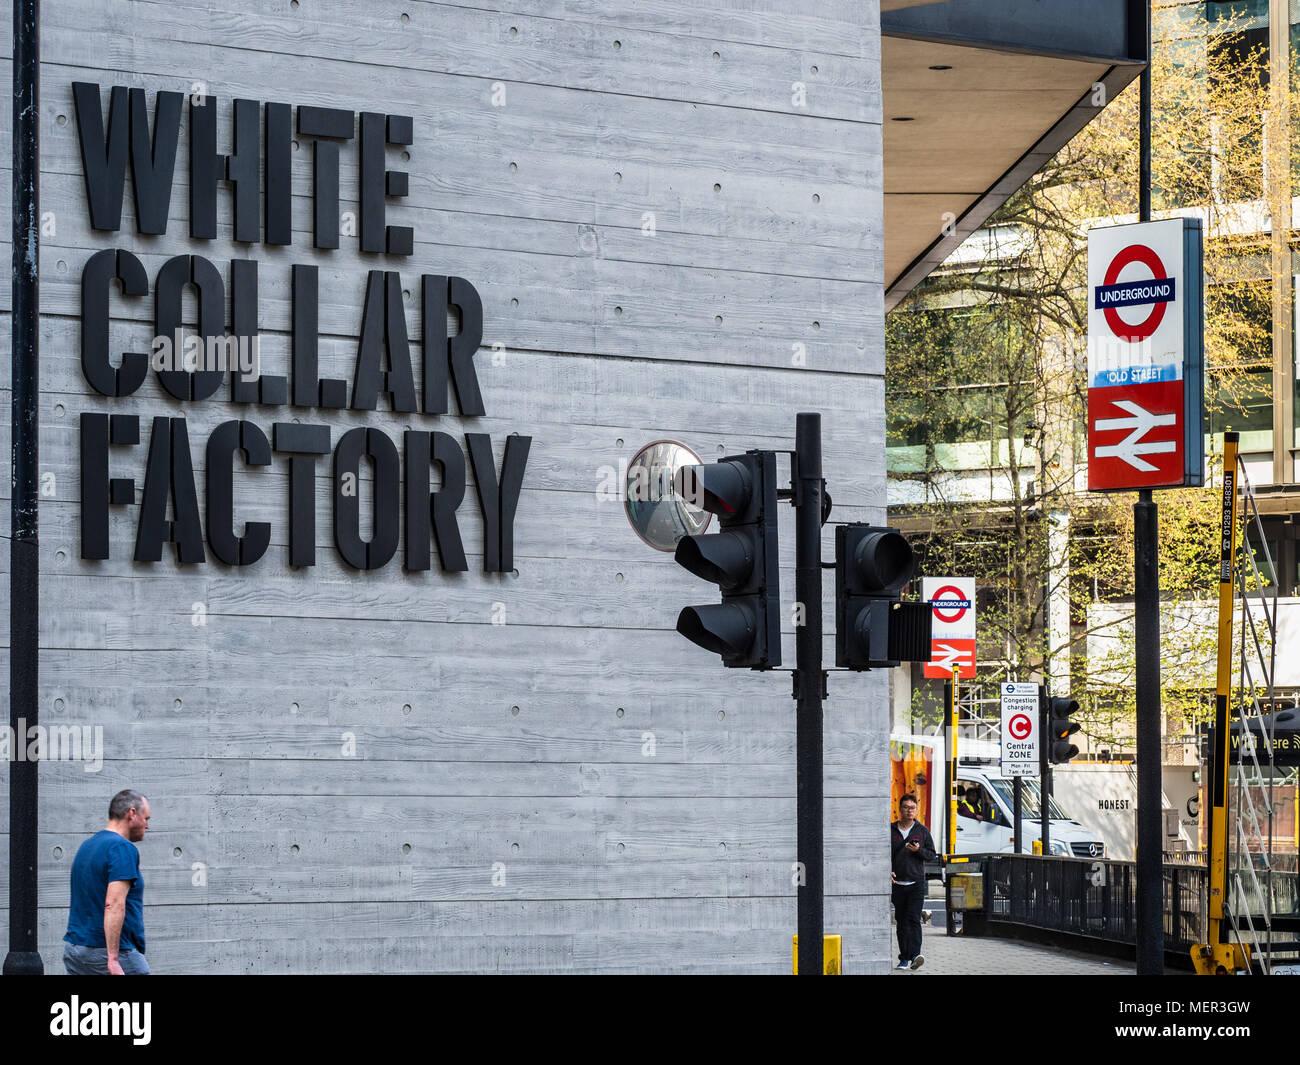 Collare bianco fabbrica sulla vecchia strada rotatoria a Londra della Silicon rotonda distretto. Progettato da AHMM architetti e ingegneri di Arup, aperto nel 2017. Immagini Stock